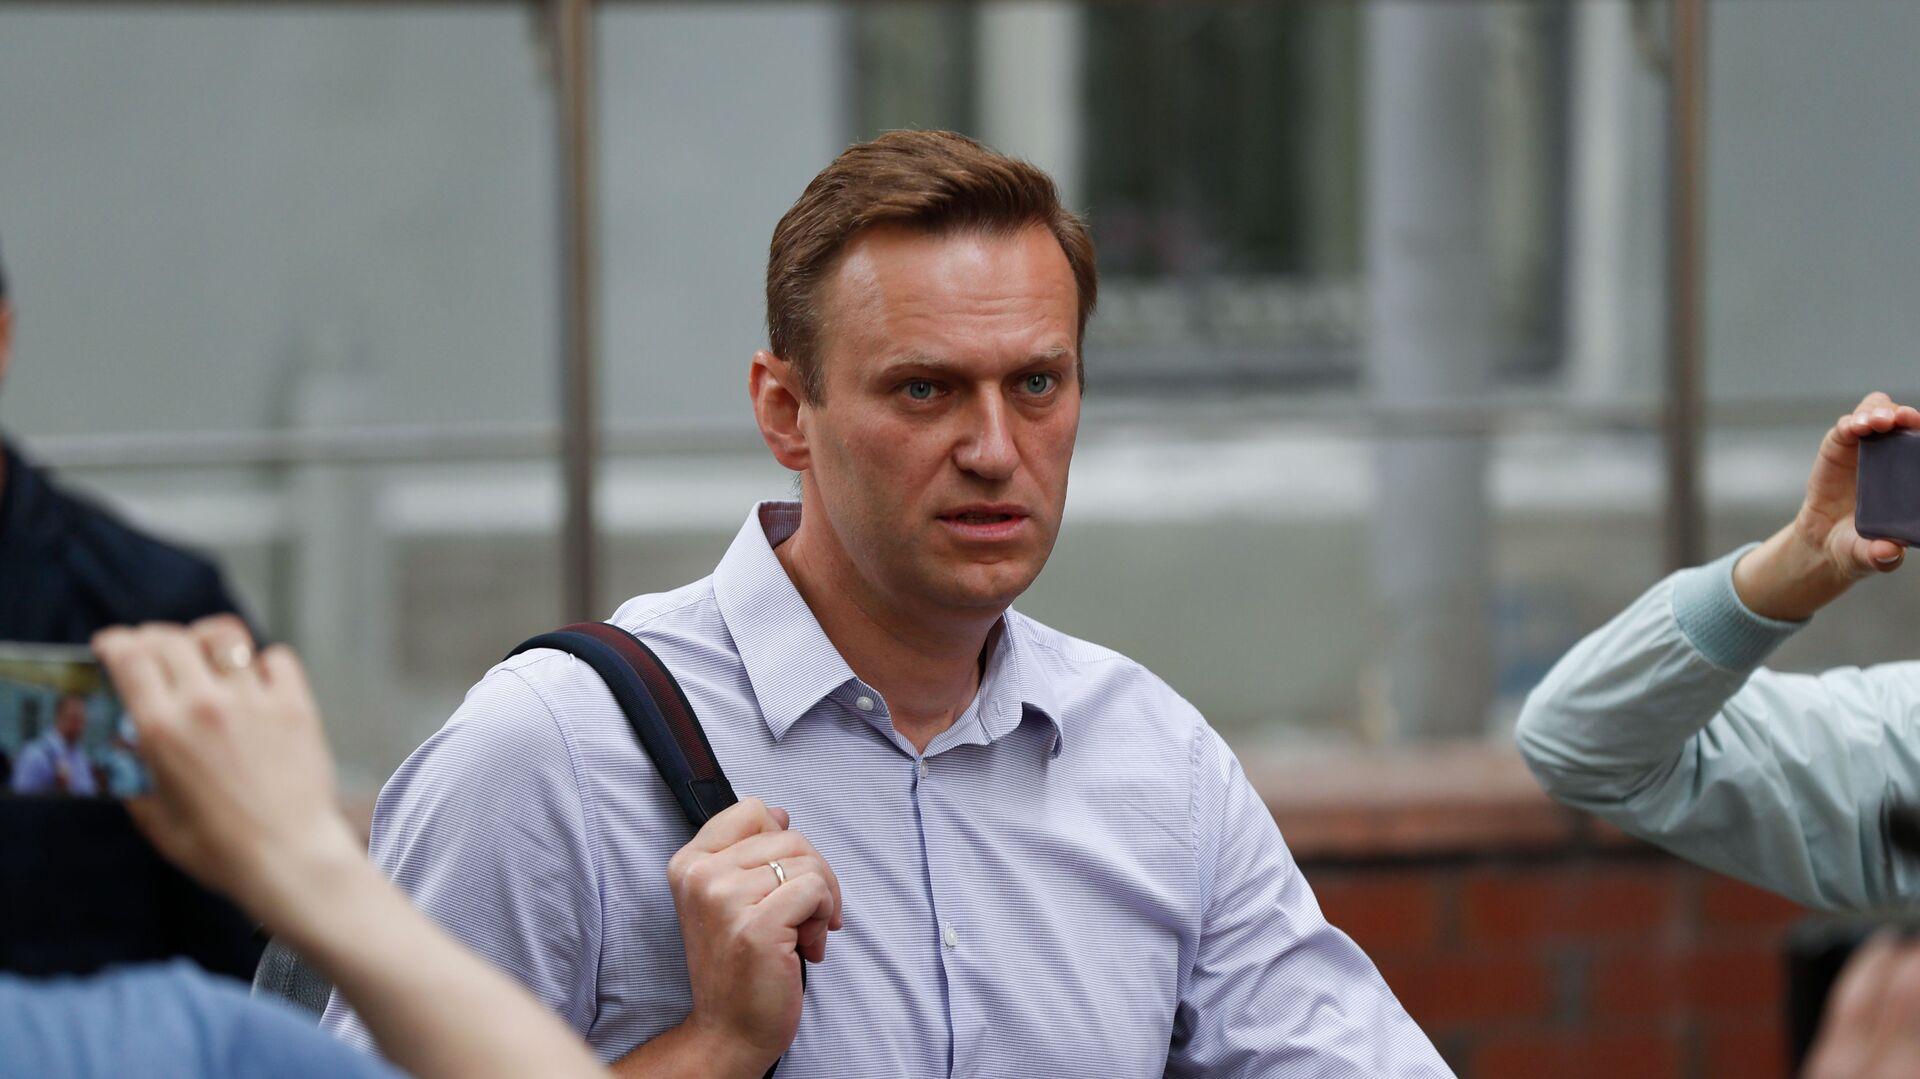 Bloger Alexej Navalnyj v Moskvě - Sputnik Česká republika, 1920, 26.07.2021